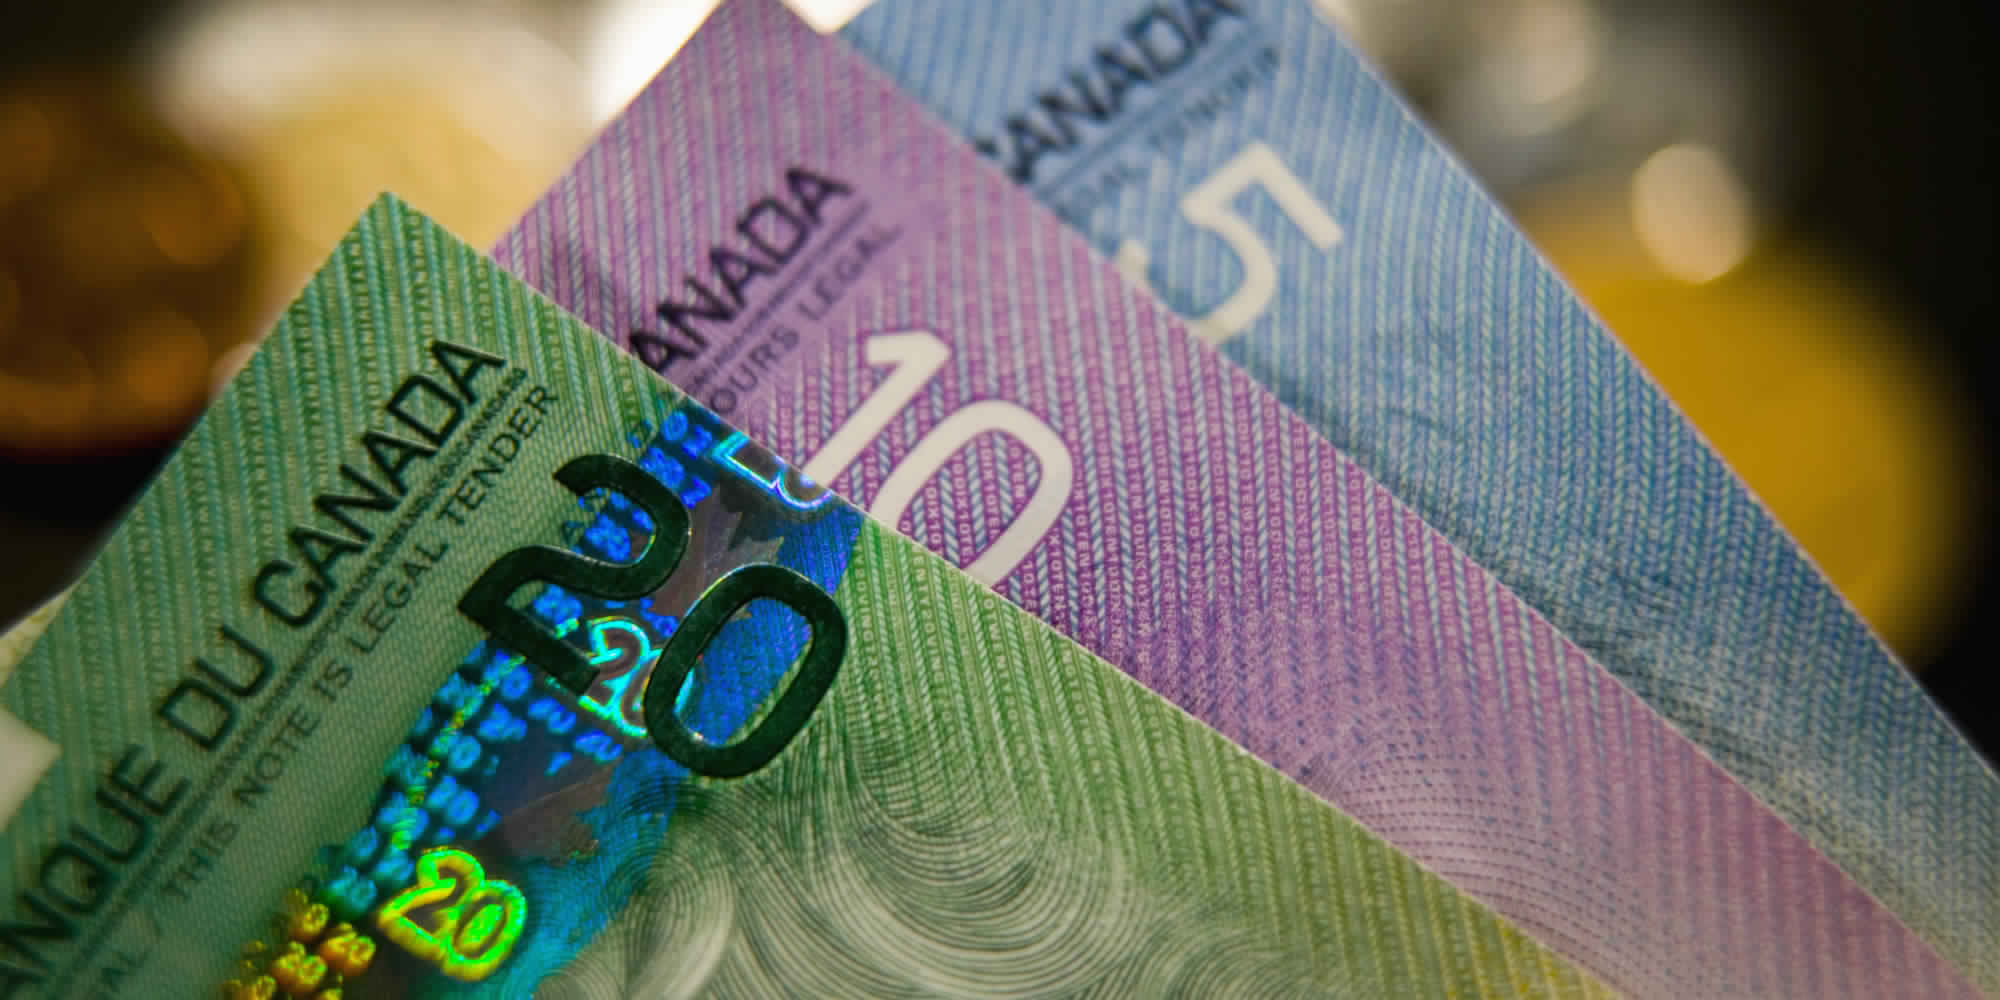 الدولار الكندي ينخفض نحو أدنى مستوى في 4 أشهر